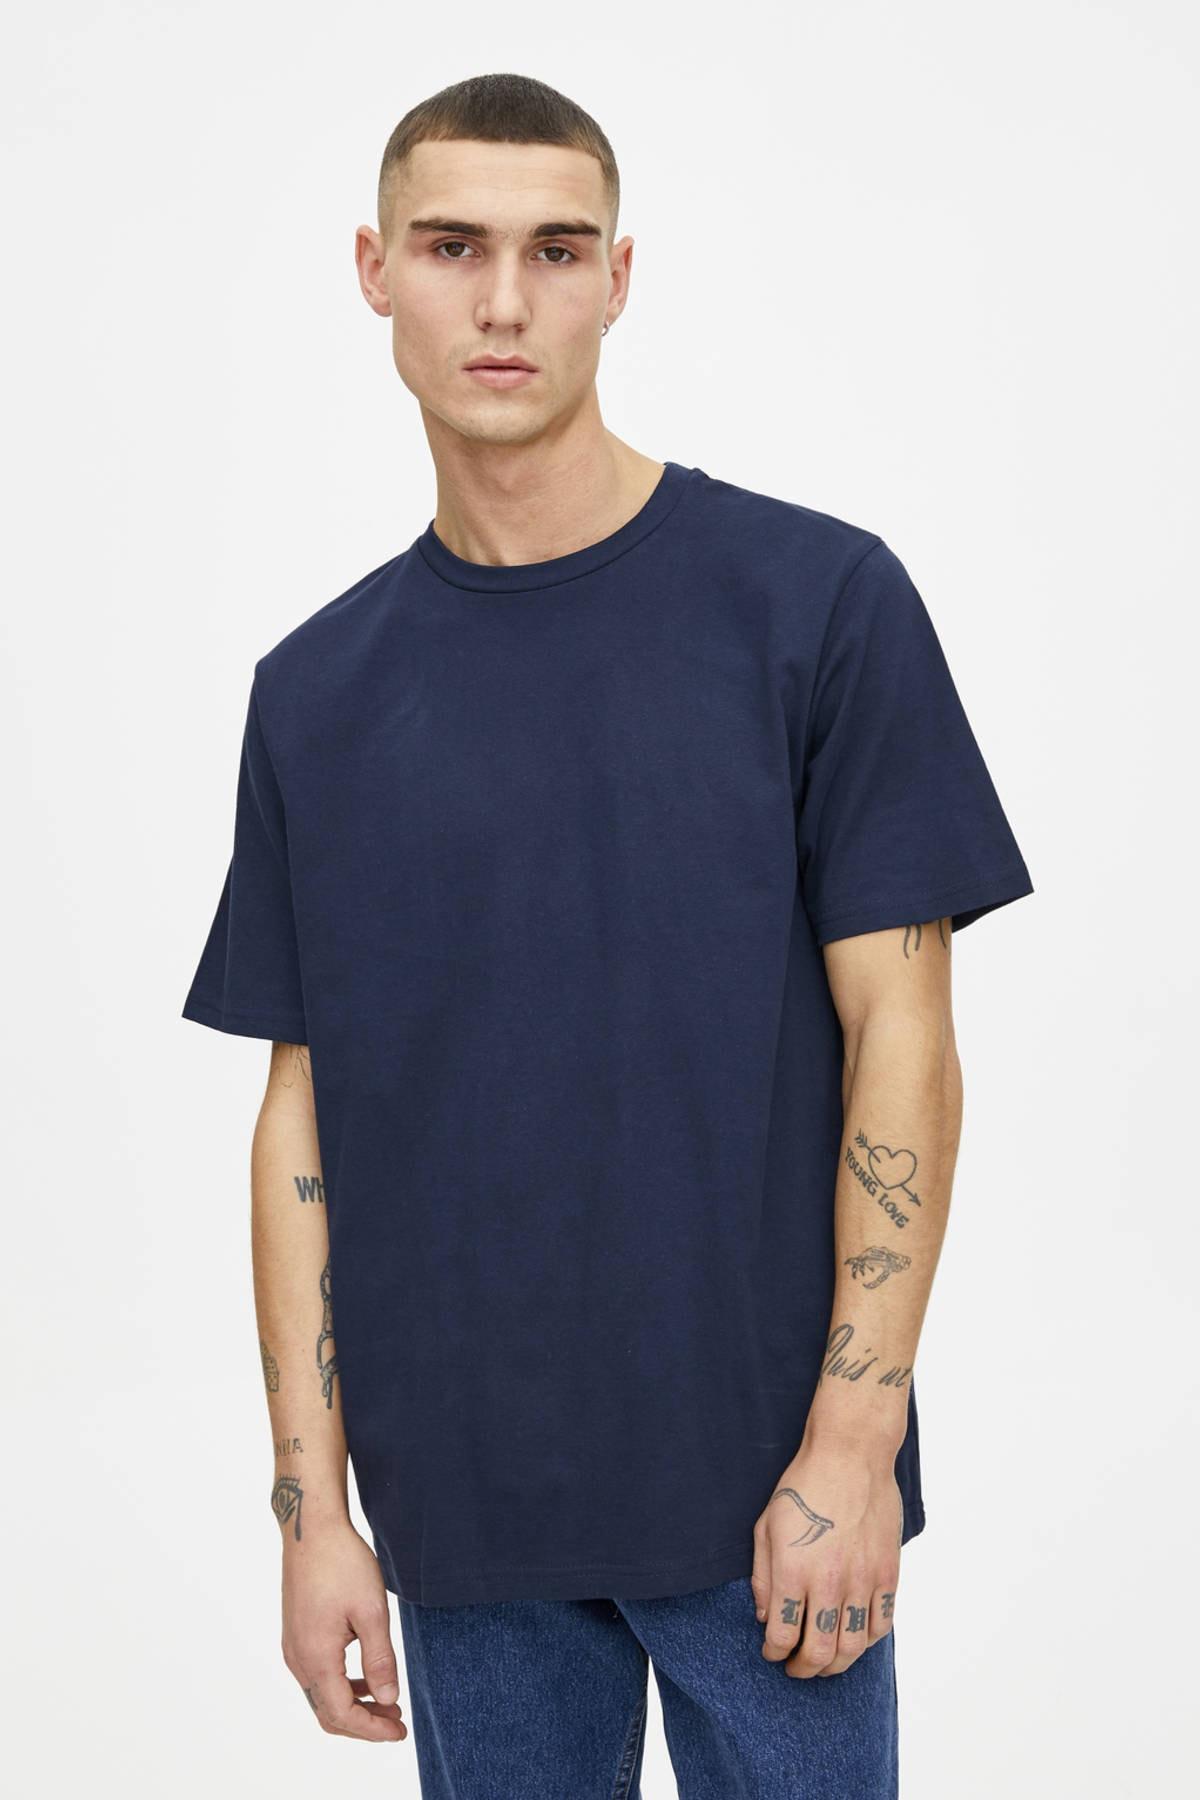 Pull & Bear Erkek Lacivert Join Life Basic T-Shirt 09244500 1